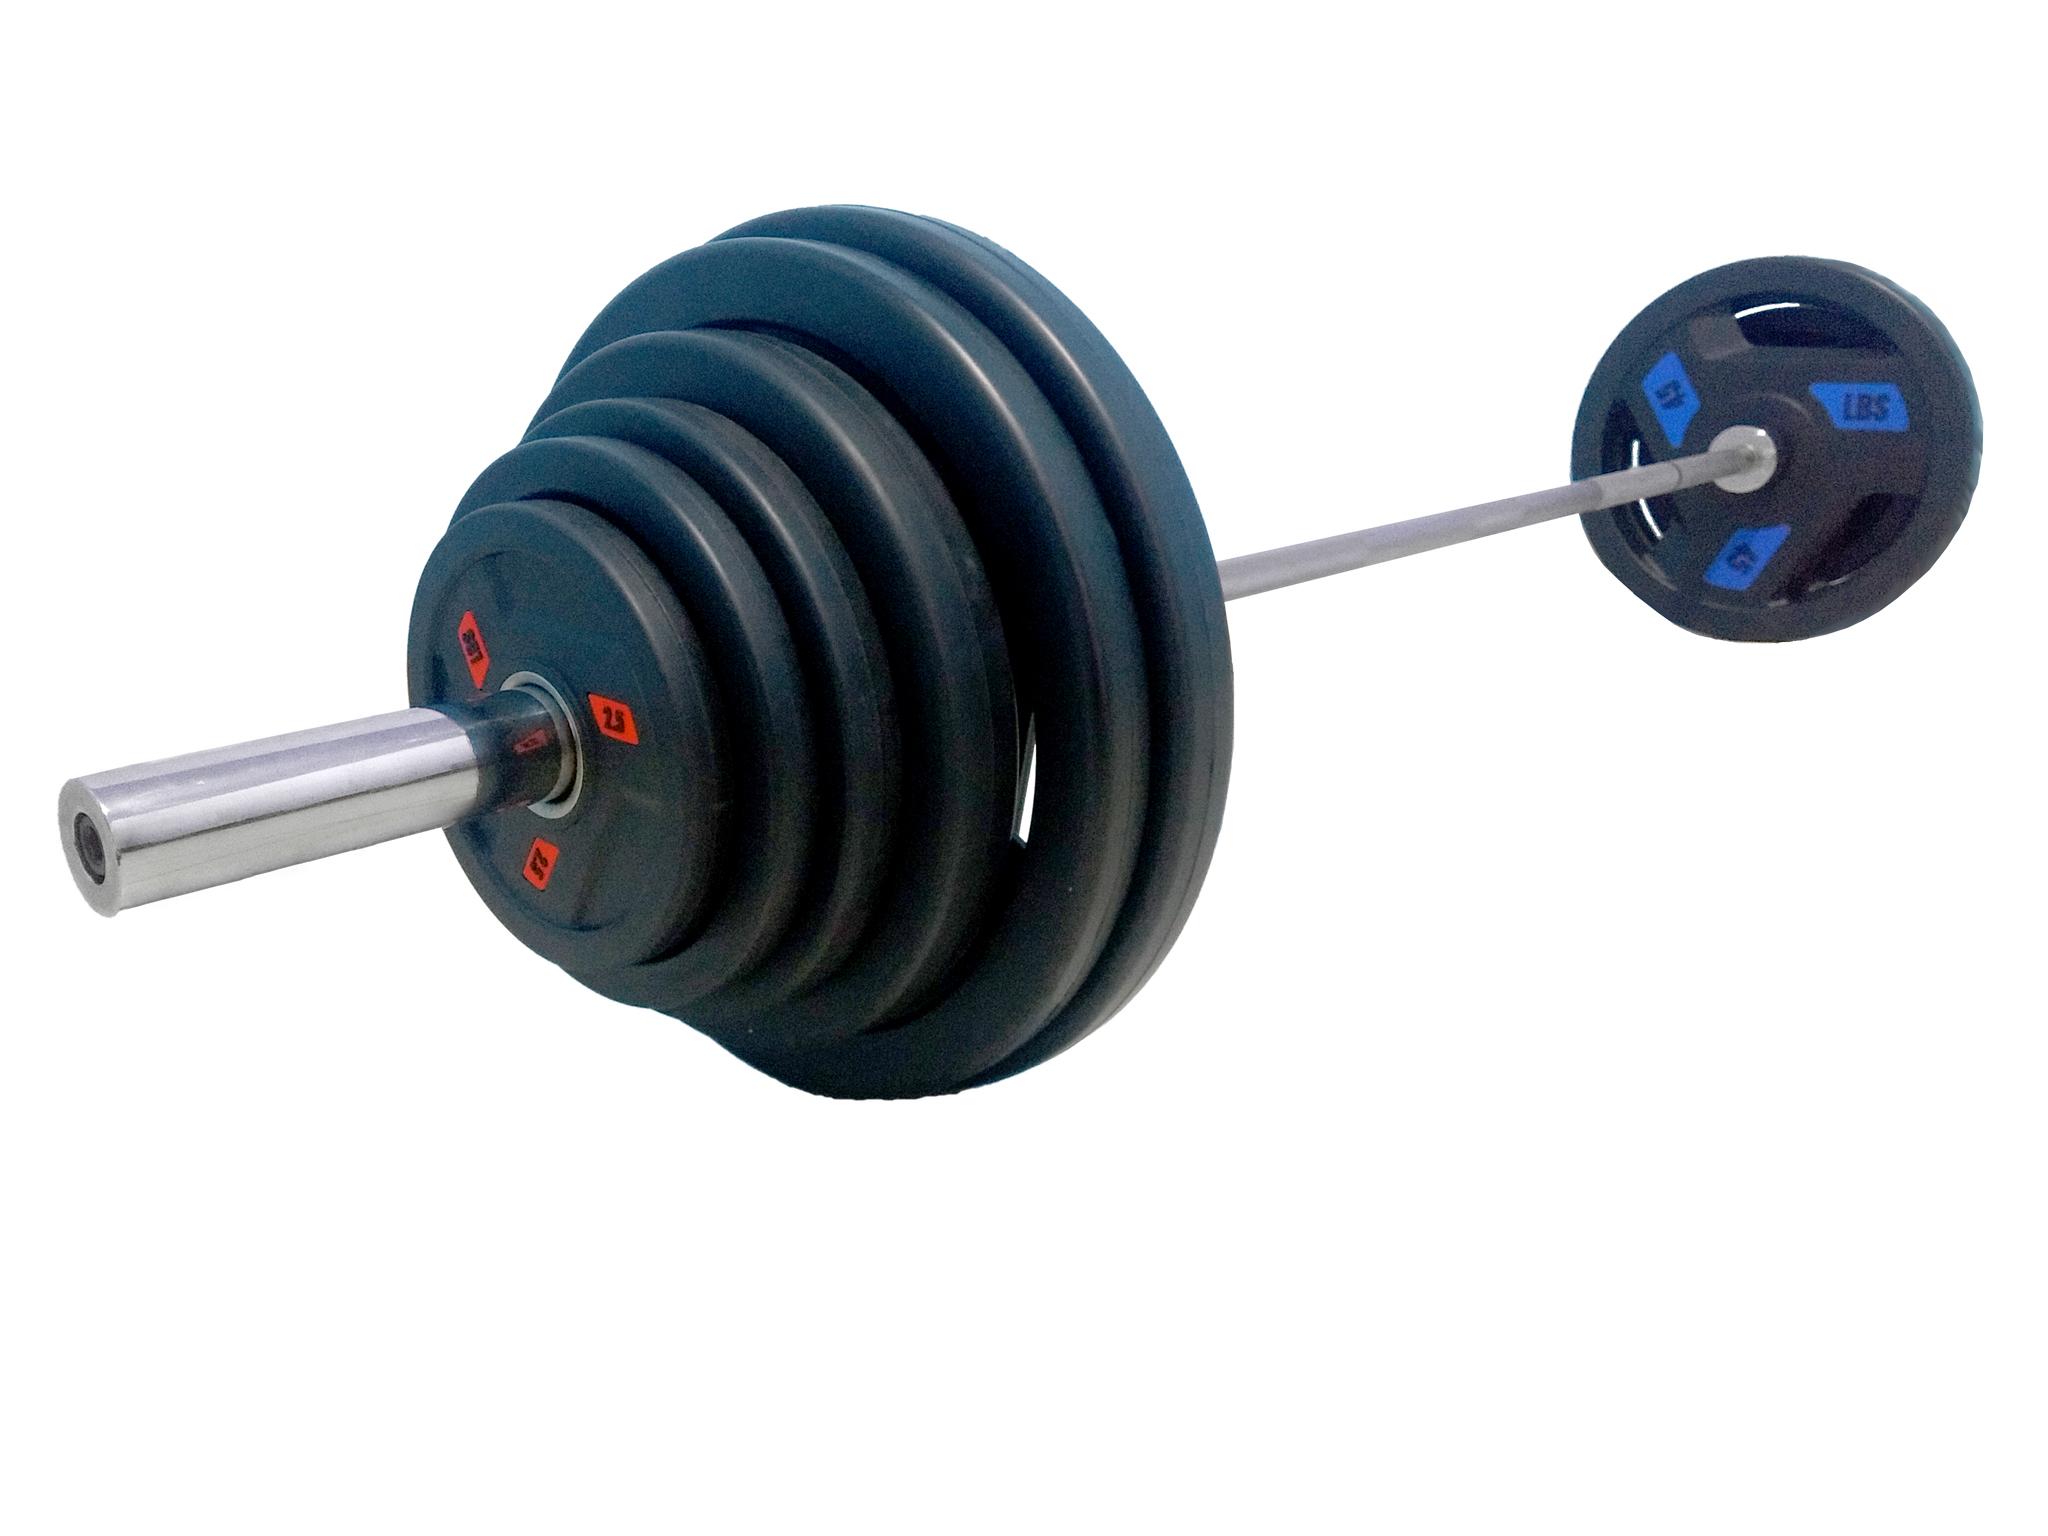 discos-olimpico-ahulado-profesional-uso-rudos-plastificados-sets